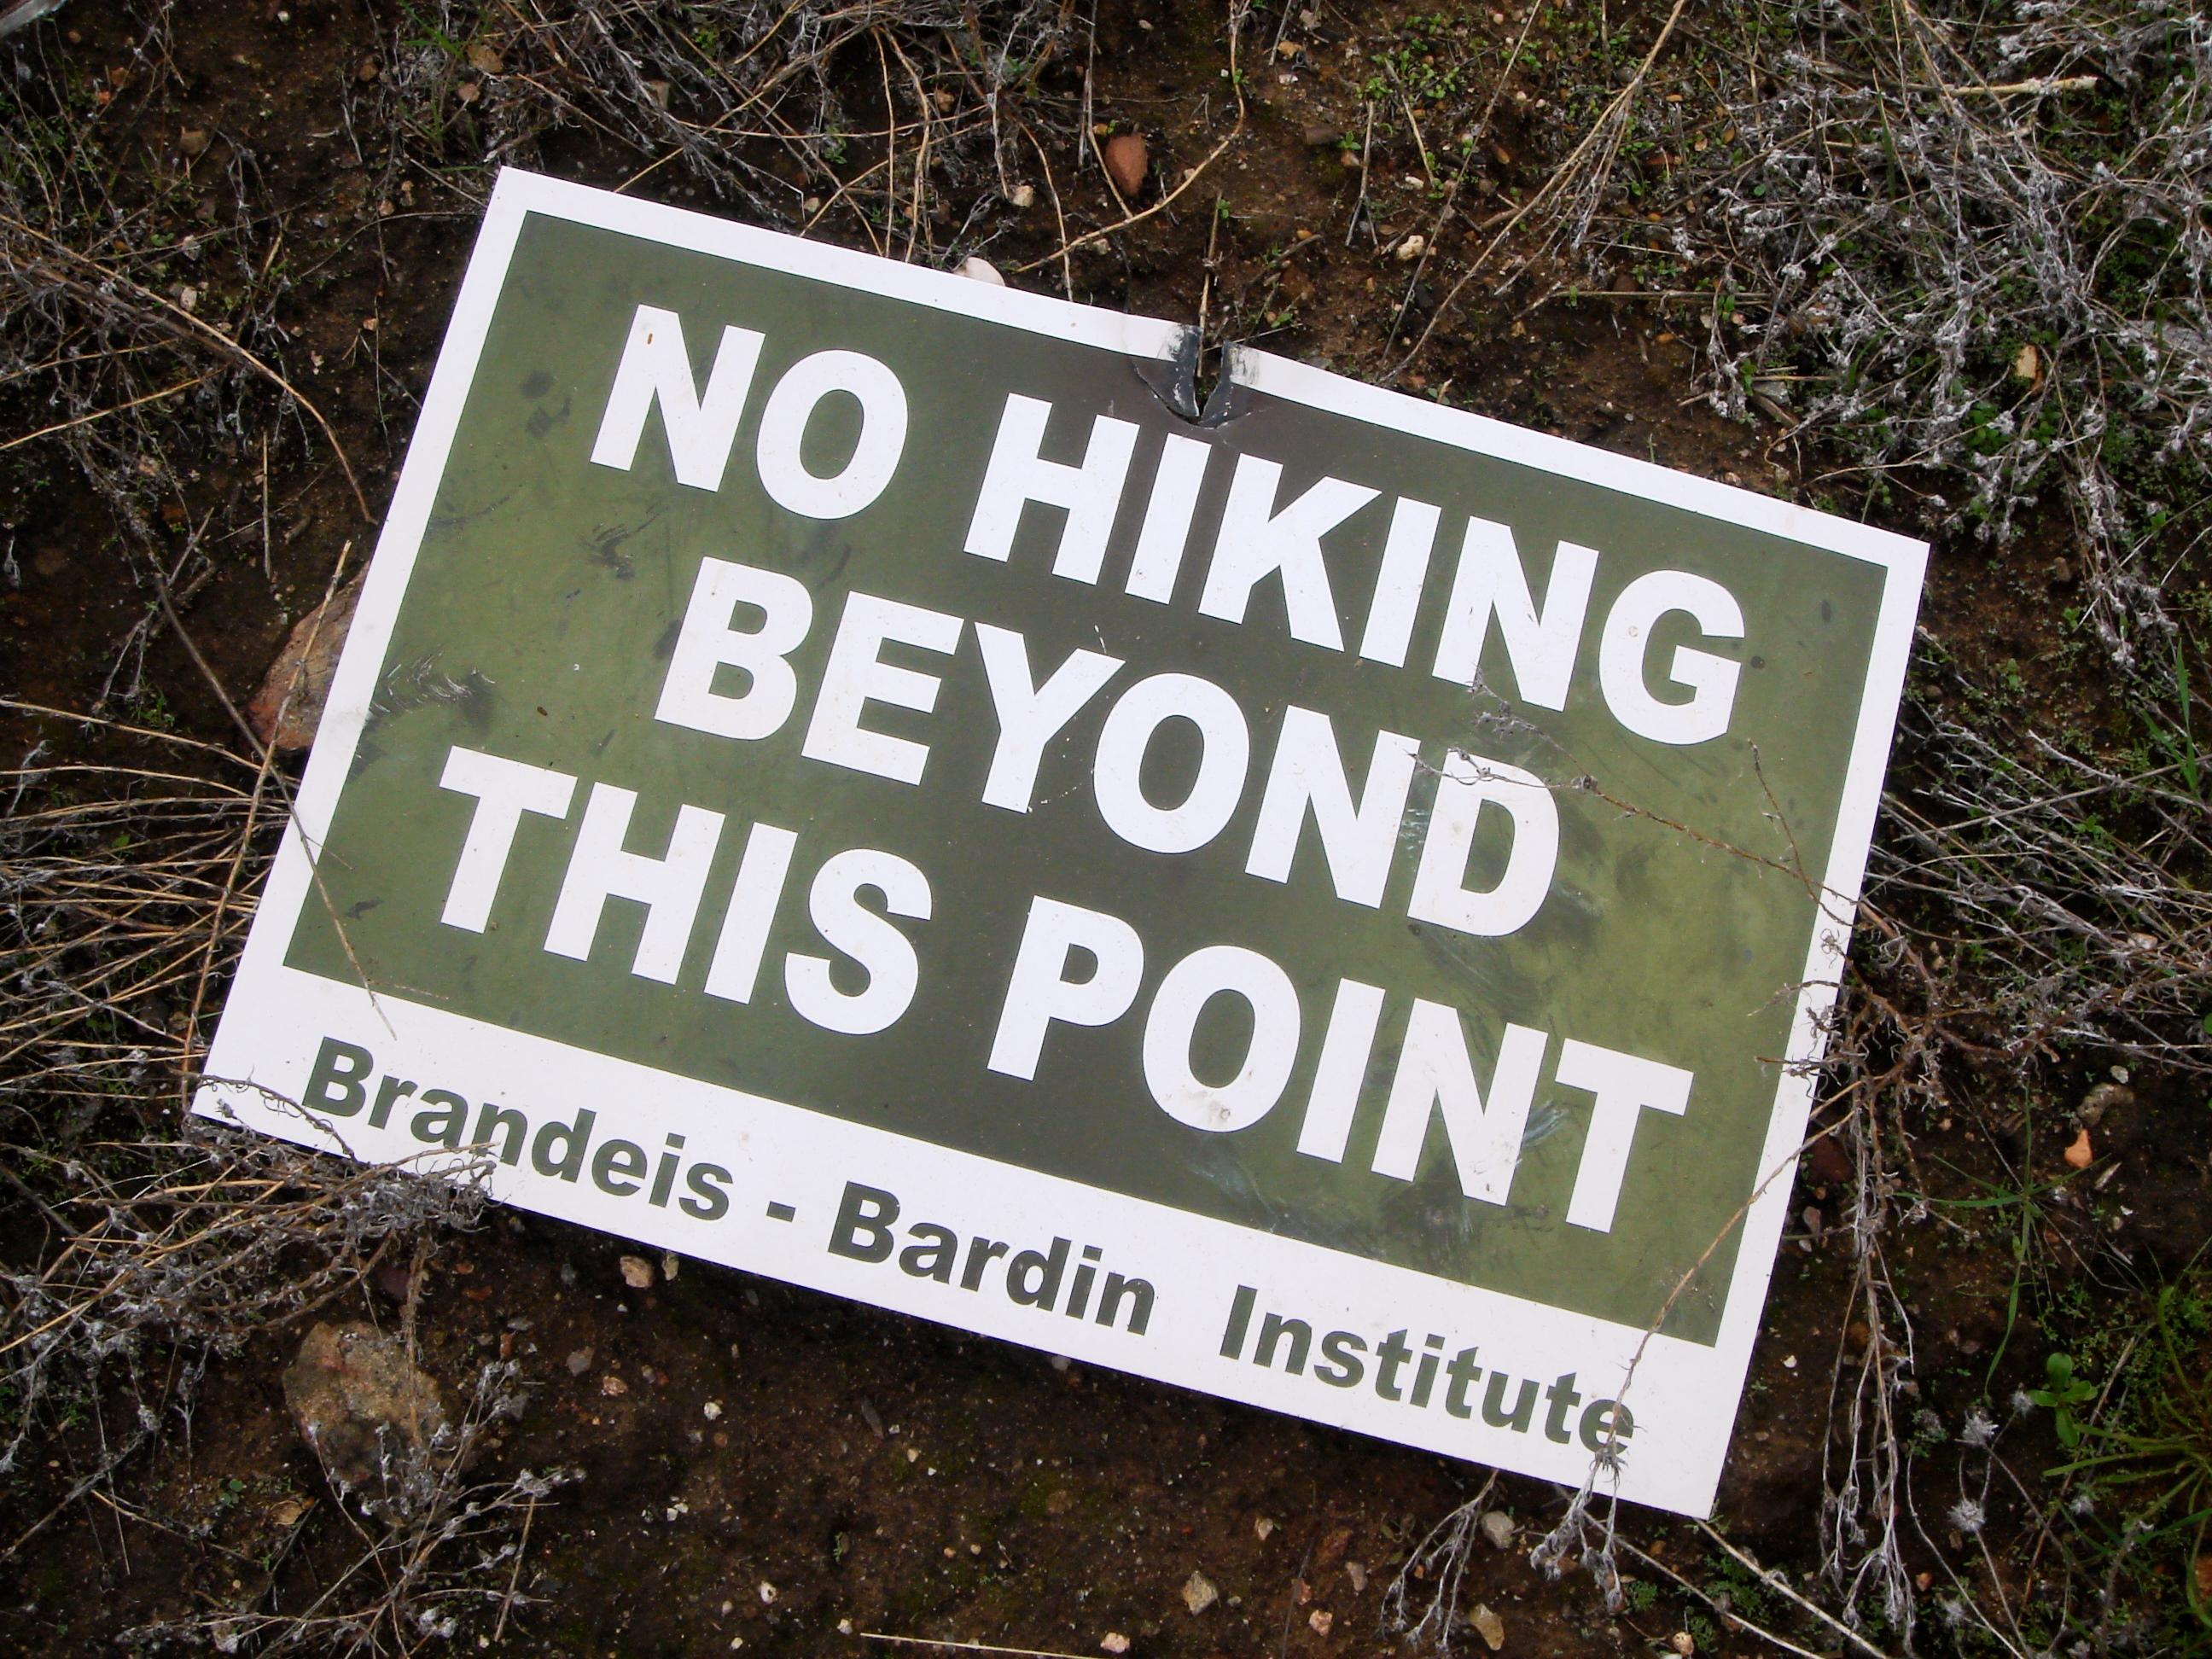 Brandeis Bardin Institute Strontium 90 Readings